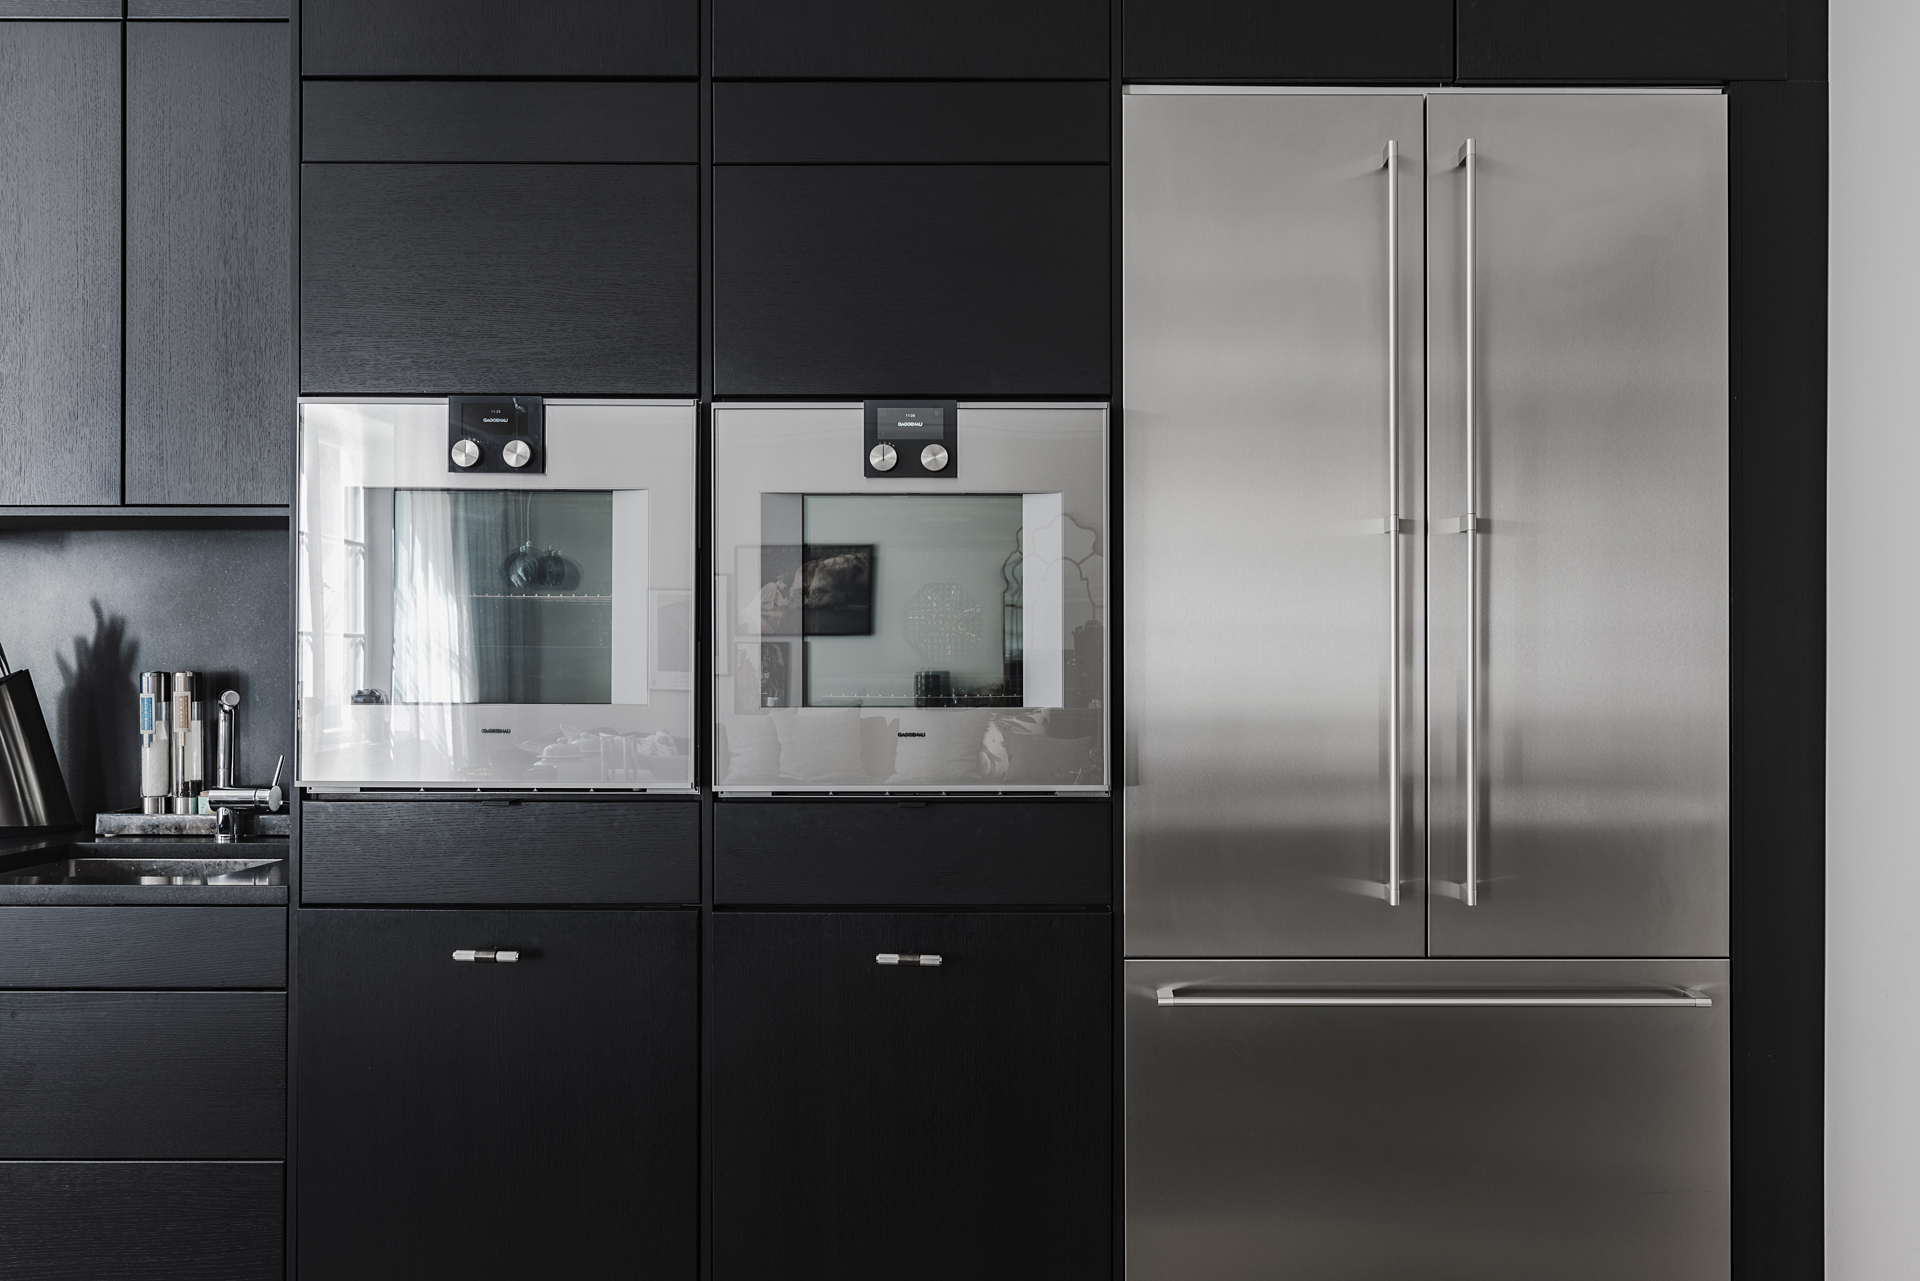 кухня шкаф встроенная техника холодильник